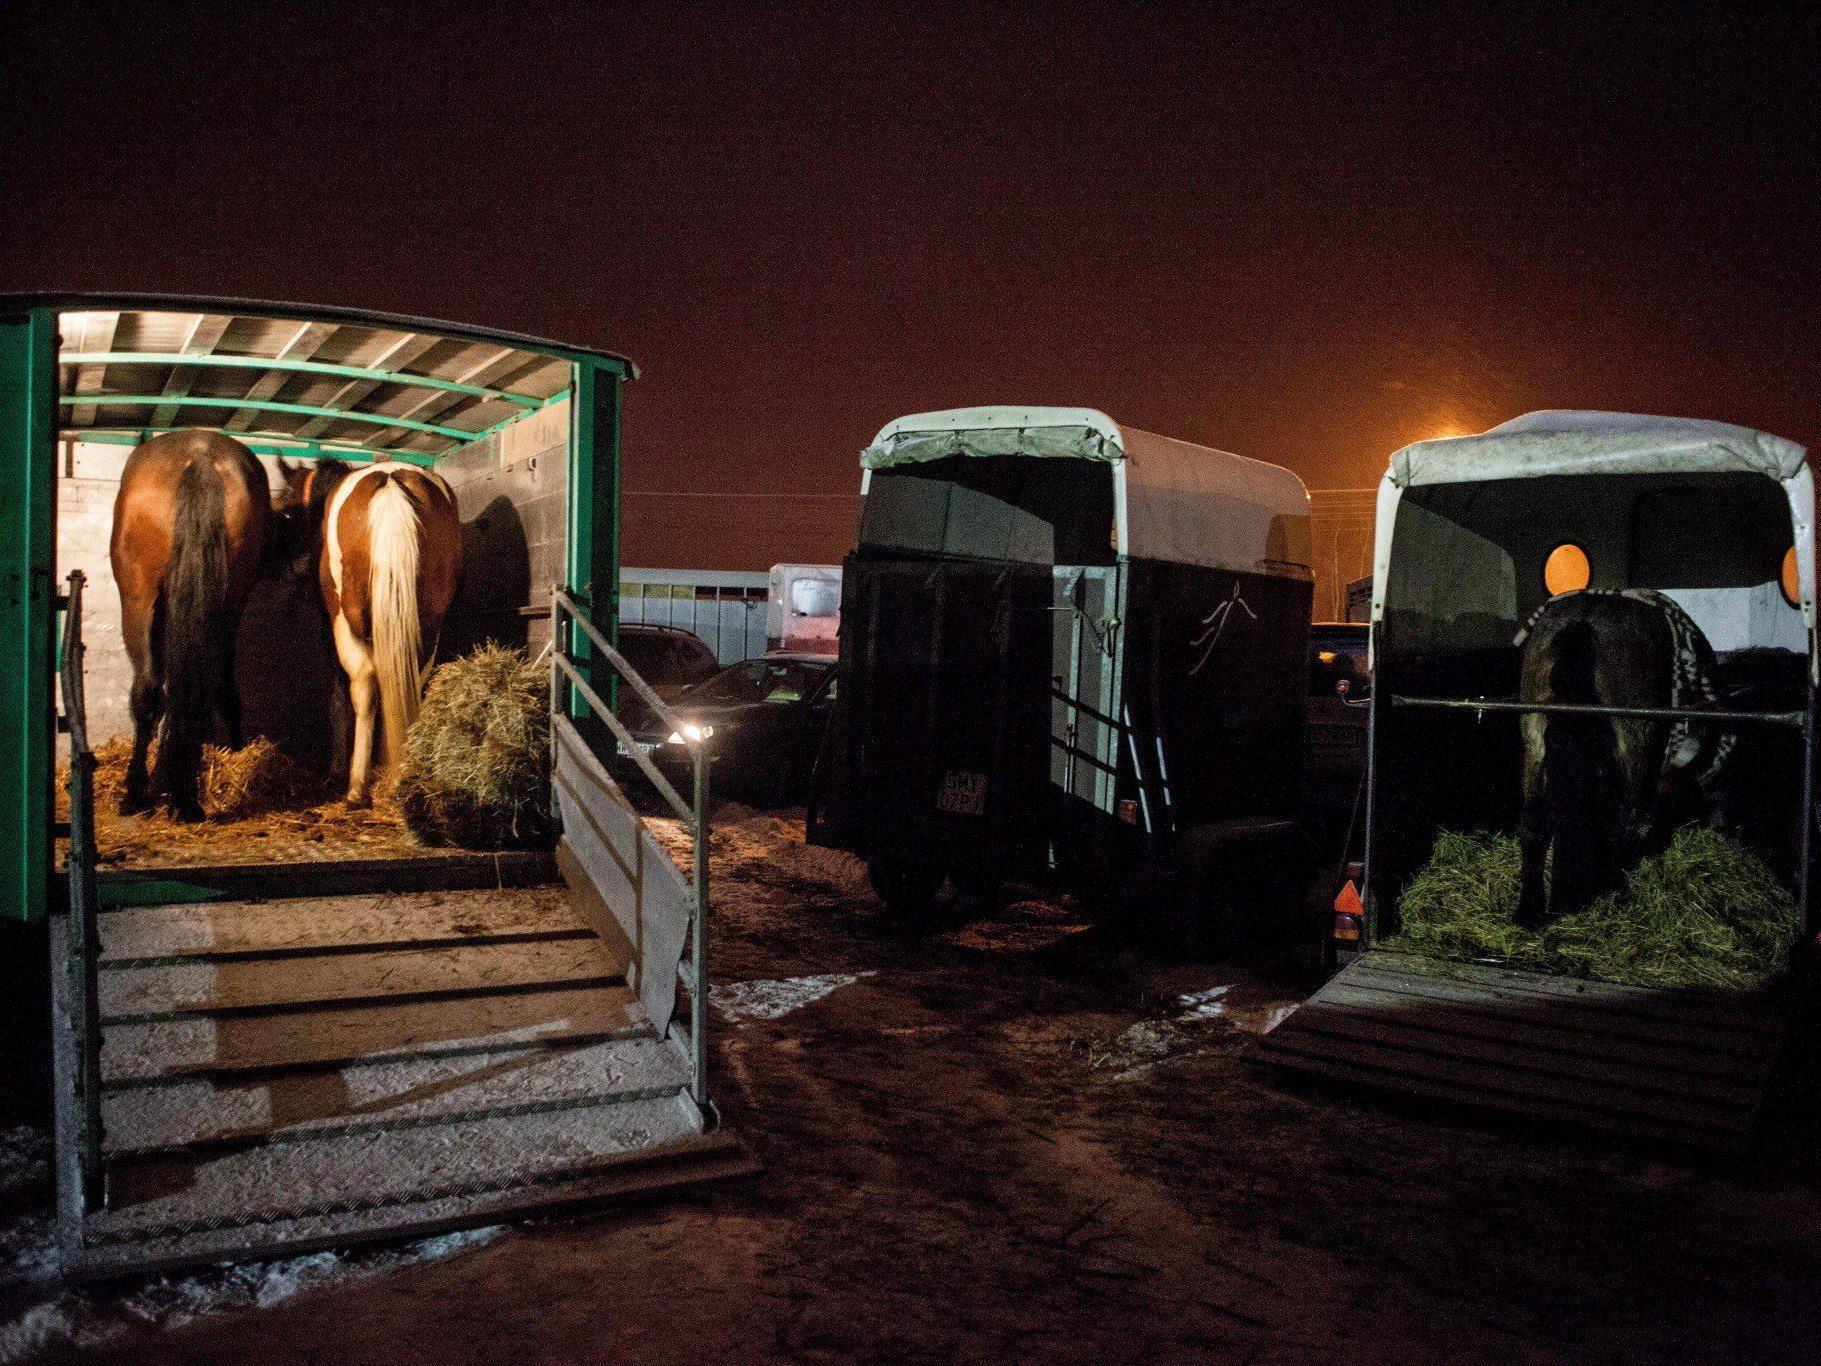 Pferdefleisch-Skandal nahm seinen Anfang in Großbritannien und Irland.